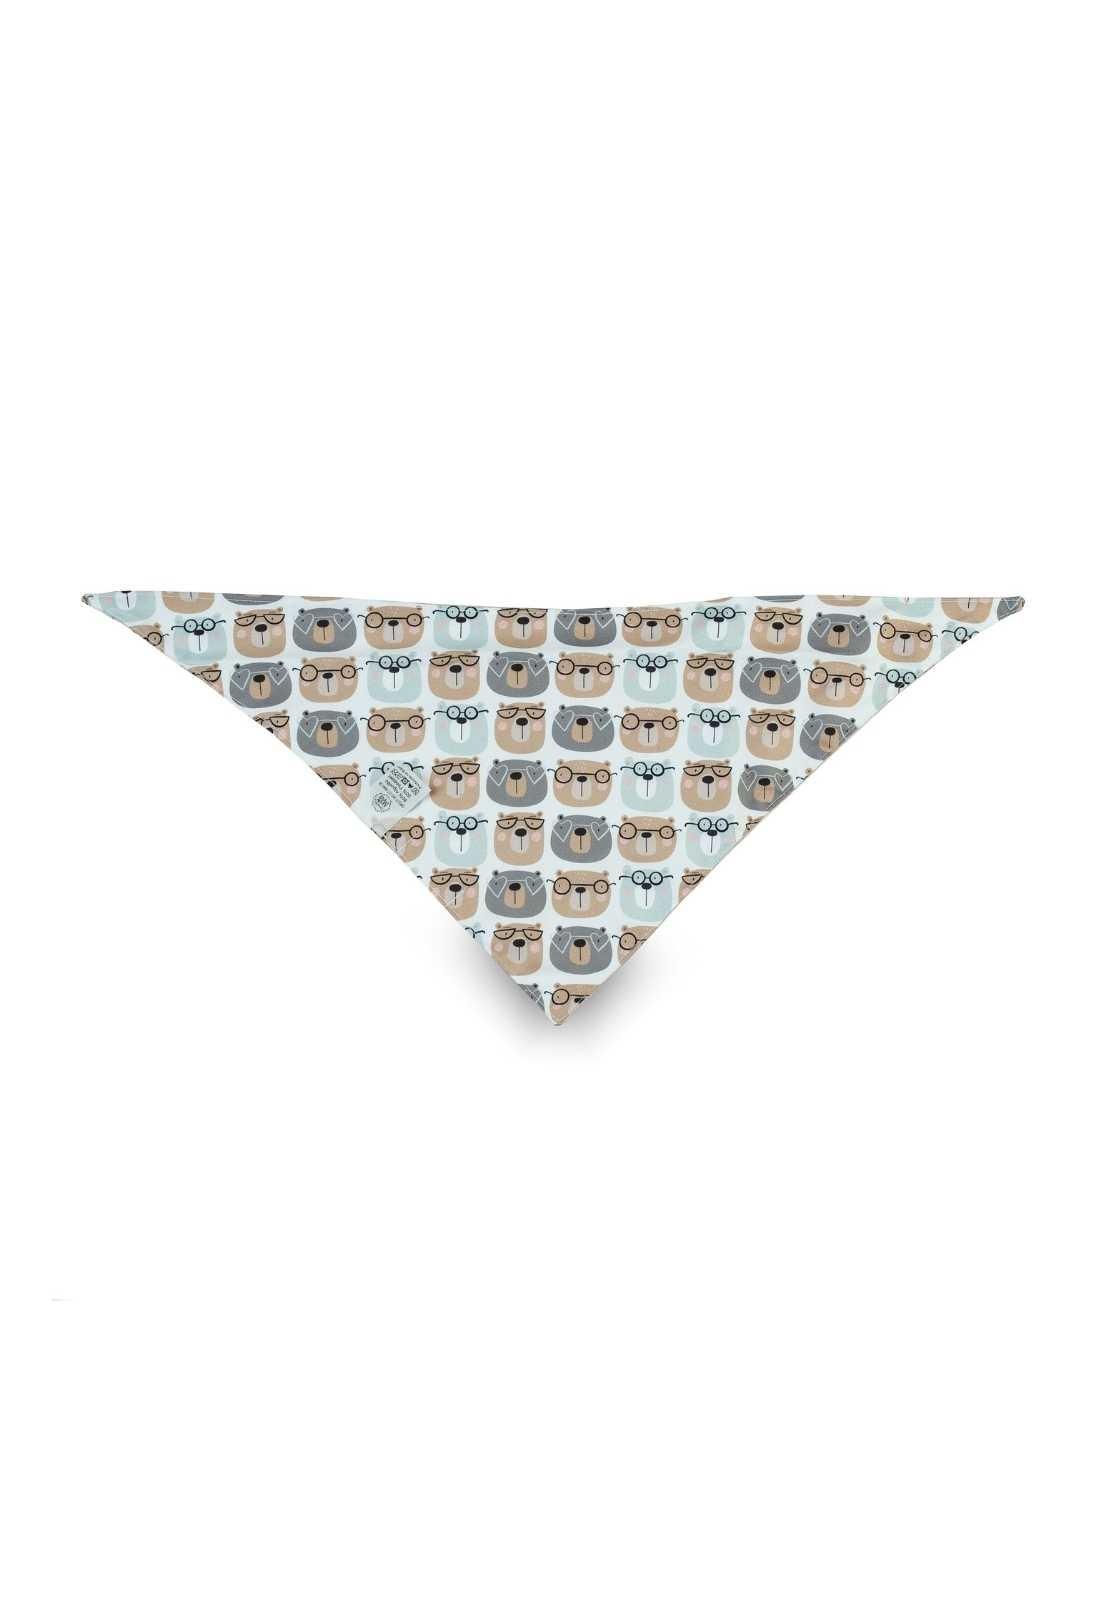 Bandana de irmão (bebê ou pet) dupla-face - Ursos Marrom e Azul